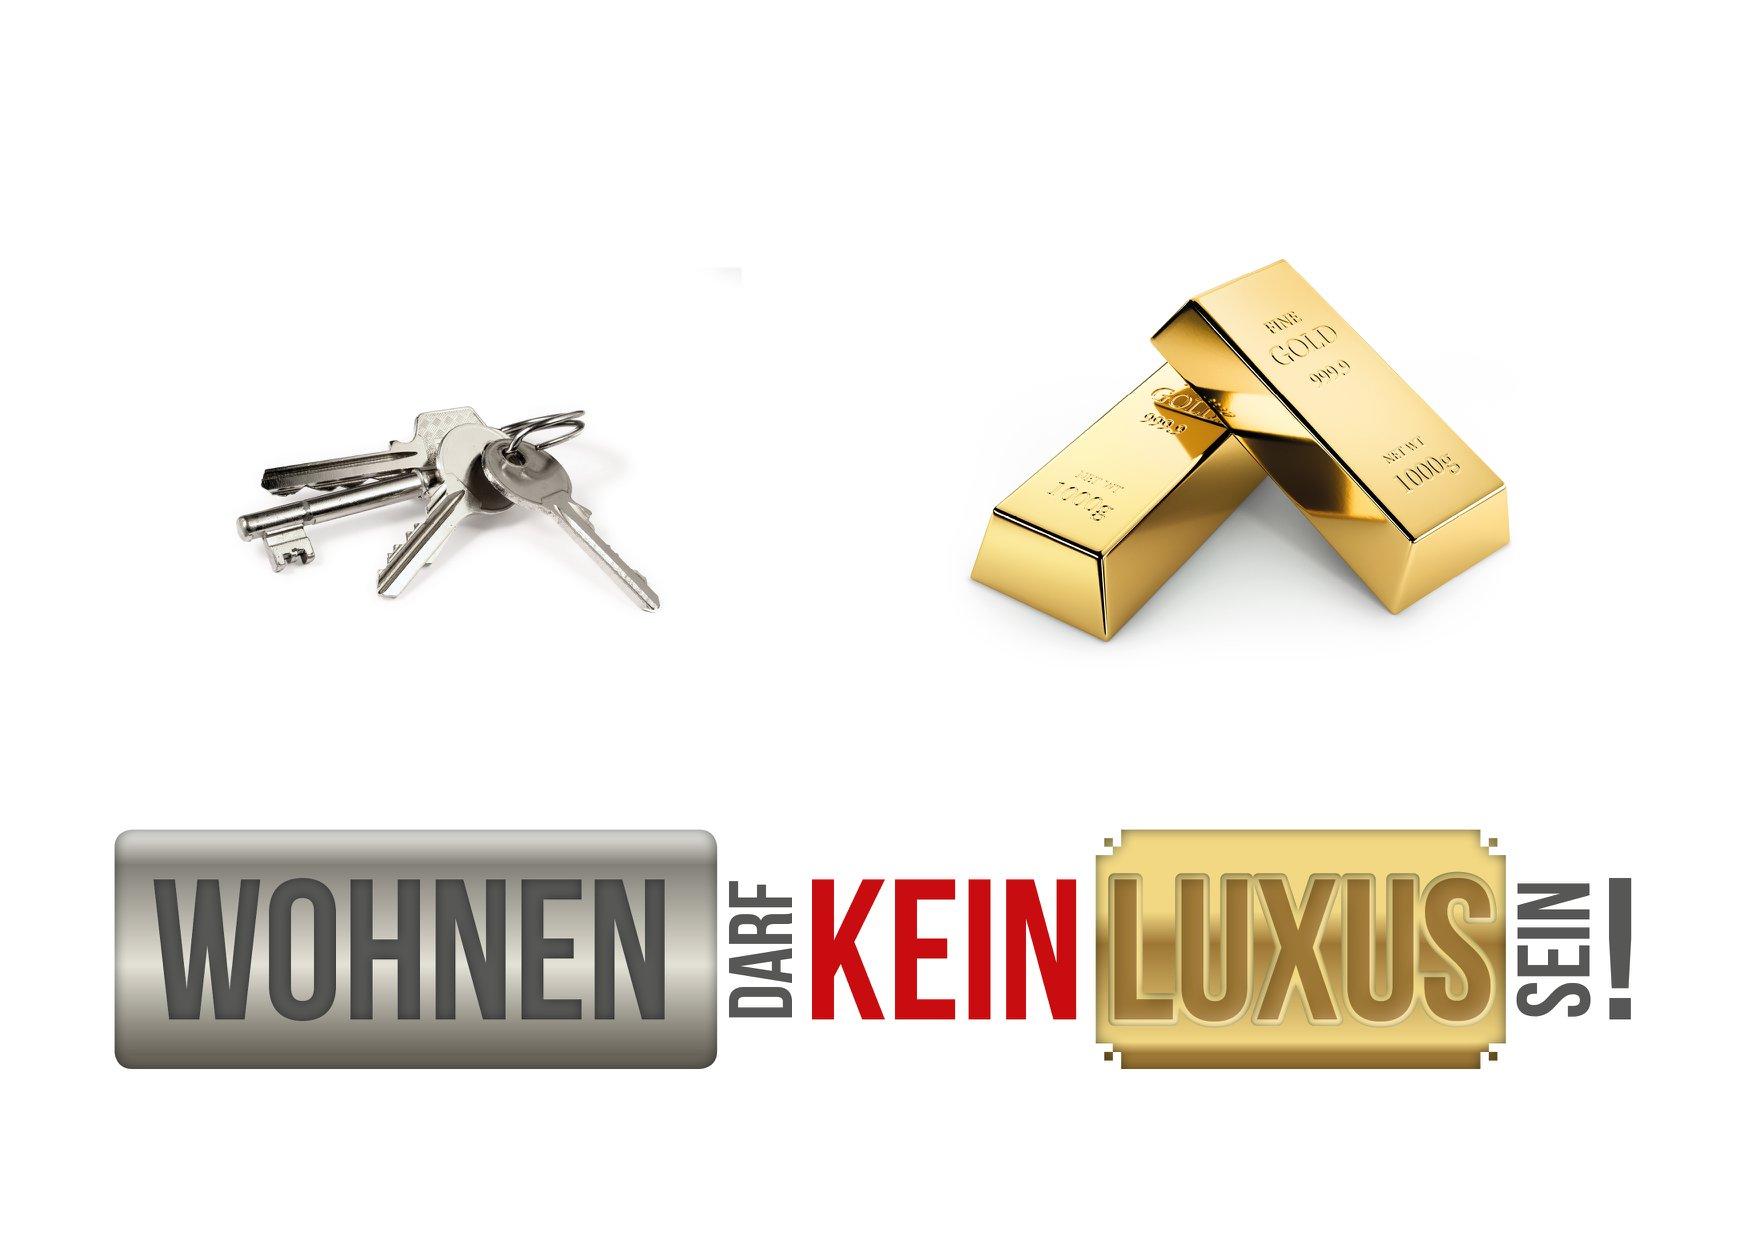 Pallas: Sachsens Innenminister soll in Leipzig und Dresden endlich die Mietpreisbremse einführen